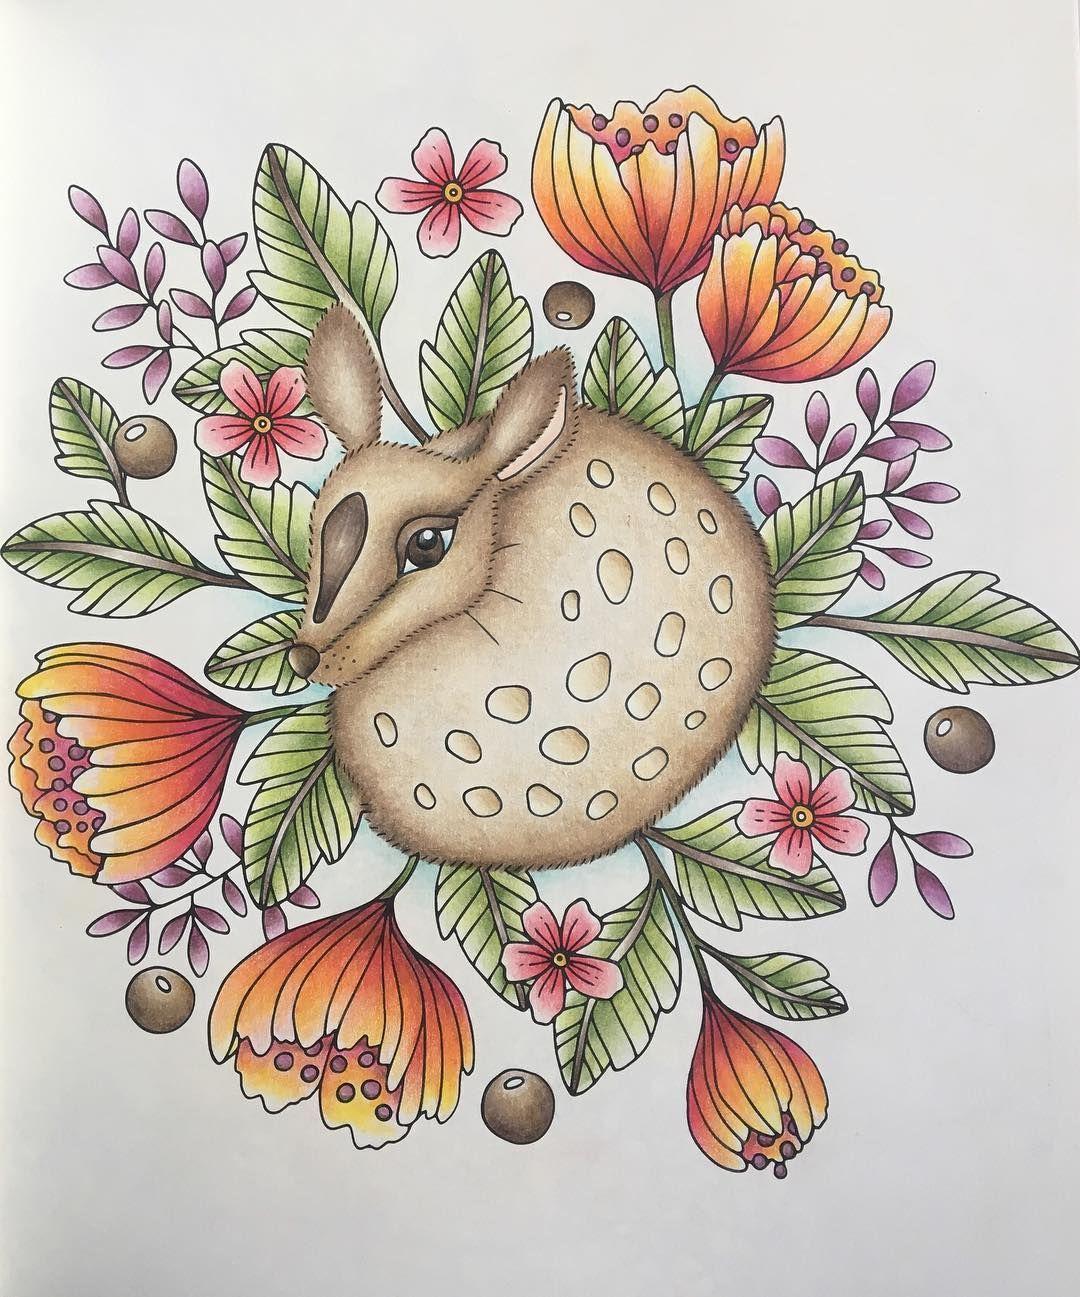 191 Likes 9 Comments Rachelle Natural Colourist On Instagram Sagorochsagner Sagorochsagnercoloringbook Wenn Du Mal Buch Instagram Bunte Zeichnungen